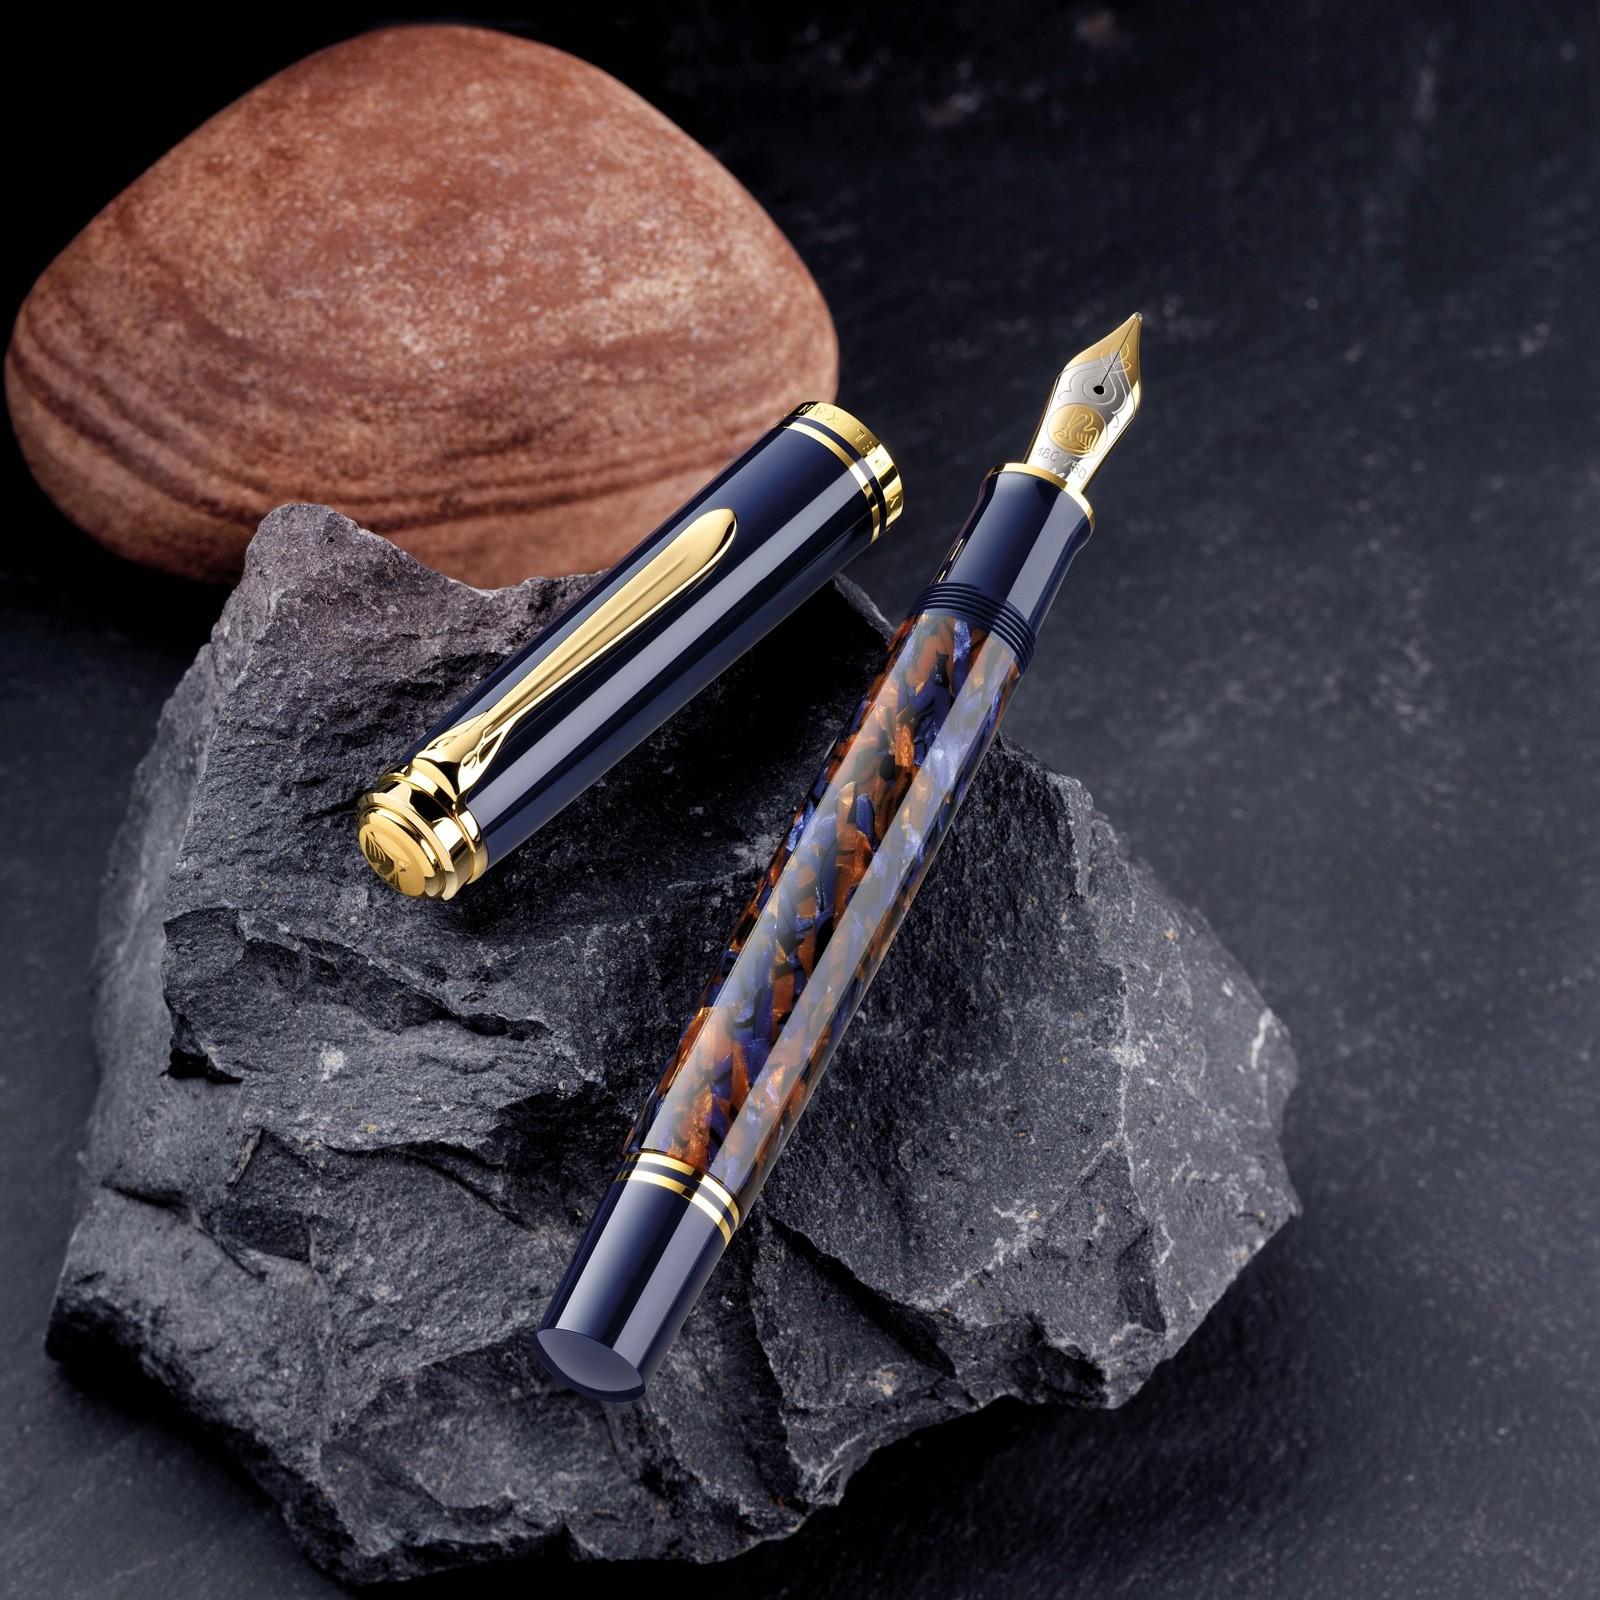 pelikan-m800-stone-garden-fountain-pen-nibsmith-1